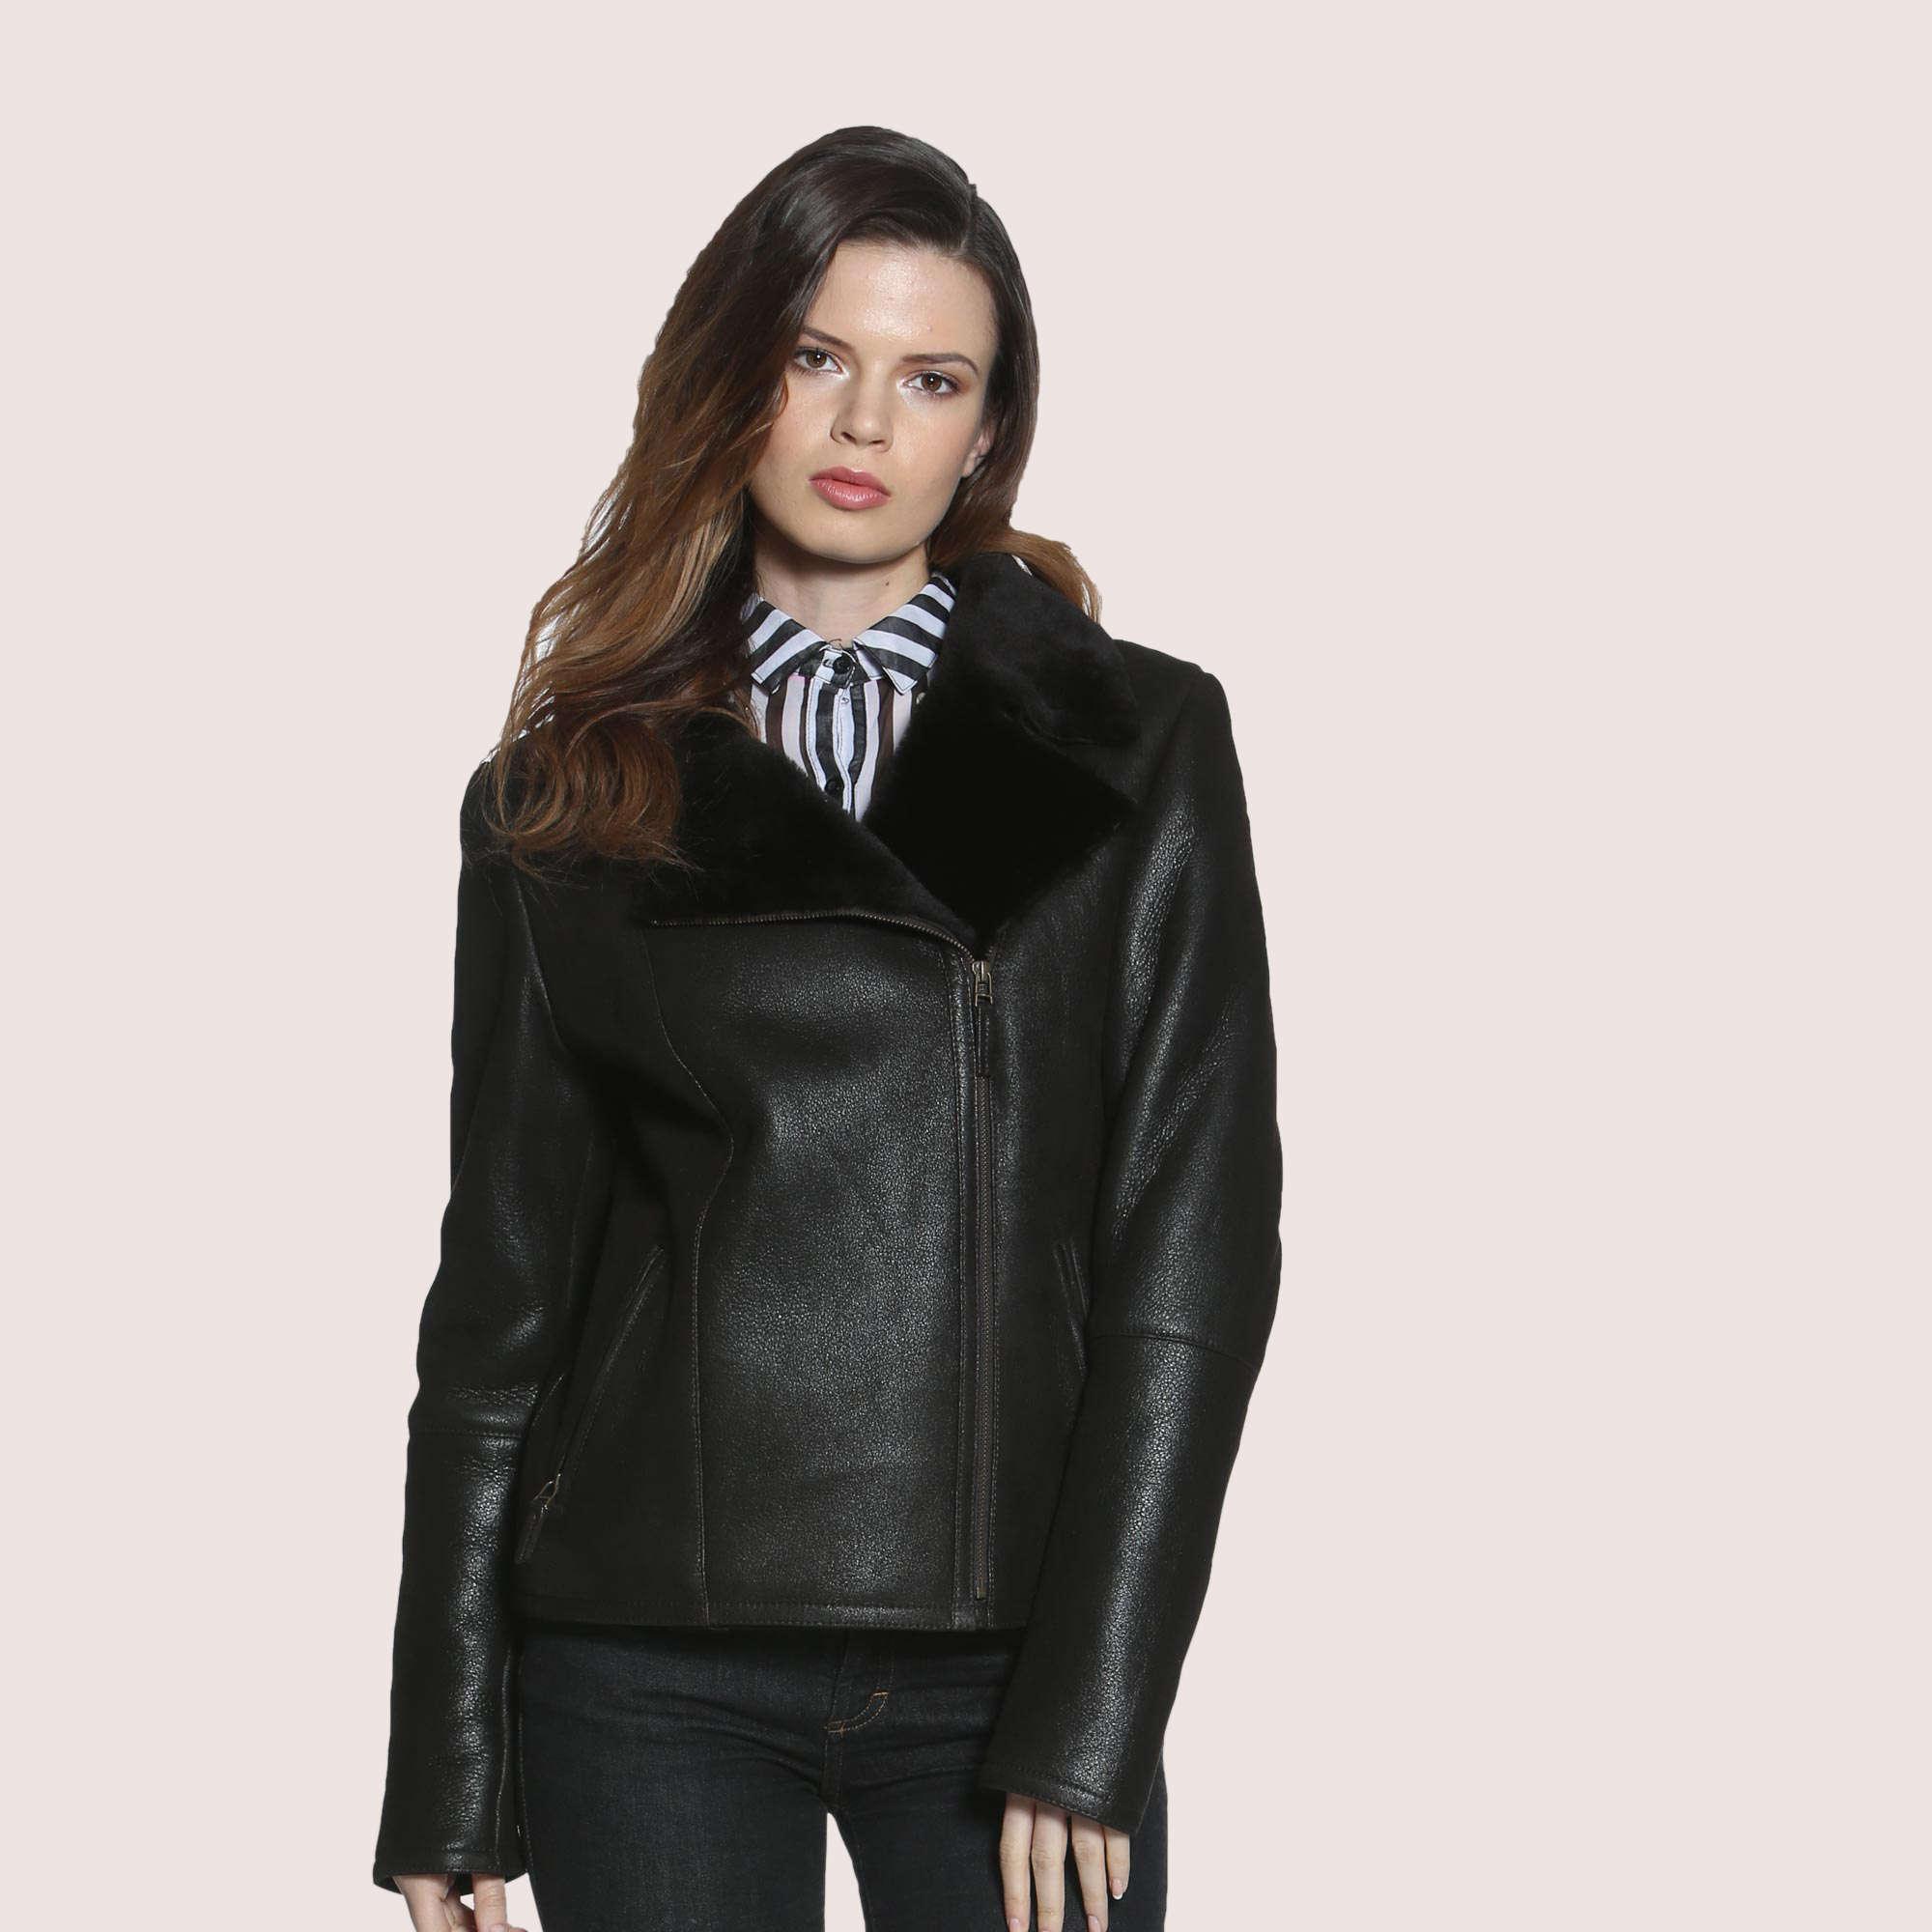 Amaryllis Shearling Jacket